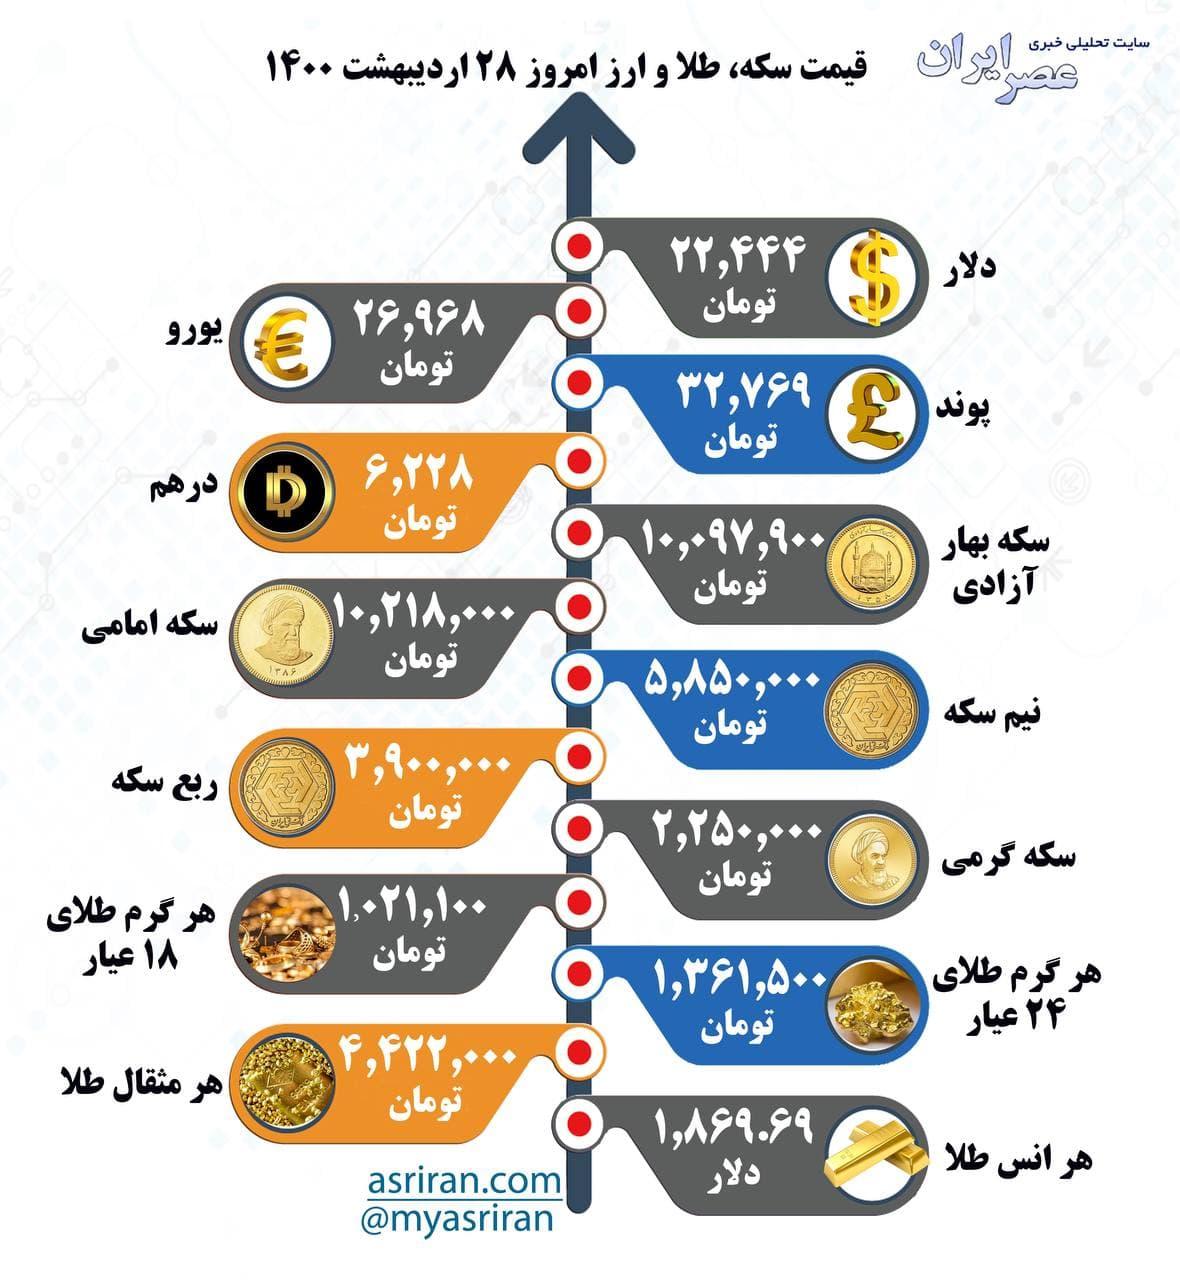 آخرین نرخ ارز، سکه و طلا در بازار (۱۴۰۰/۰۲/۲۸)